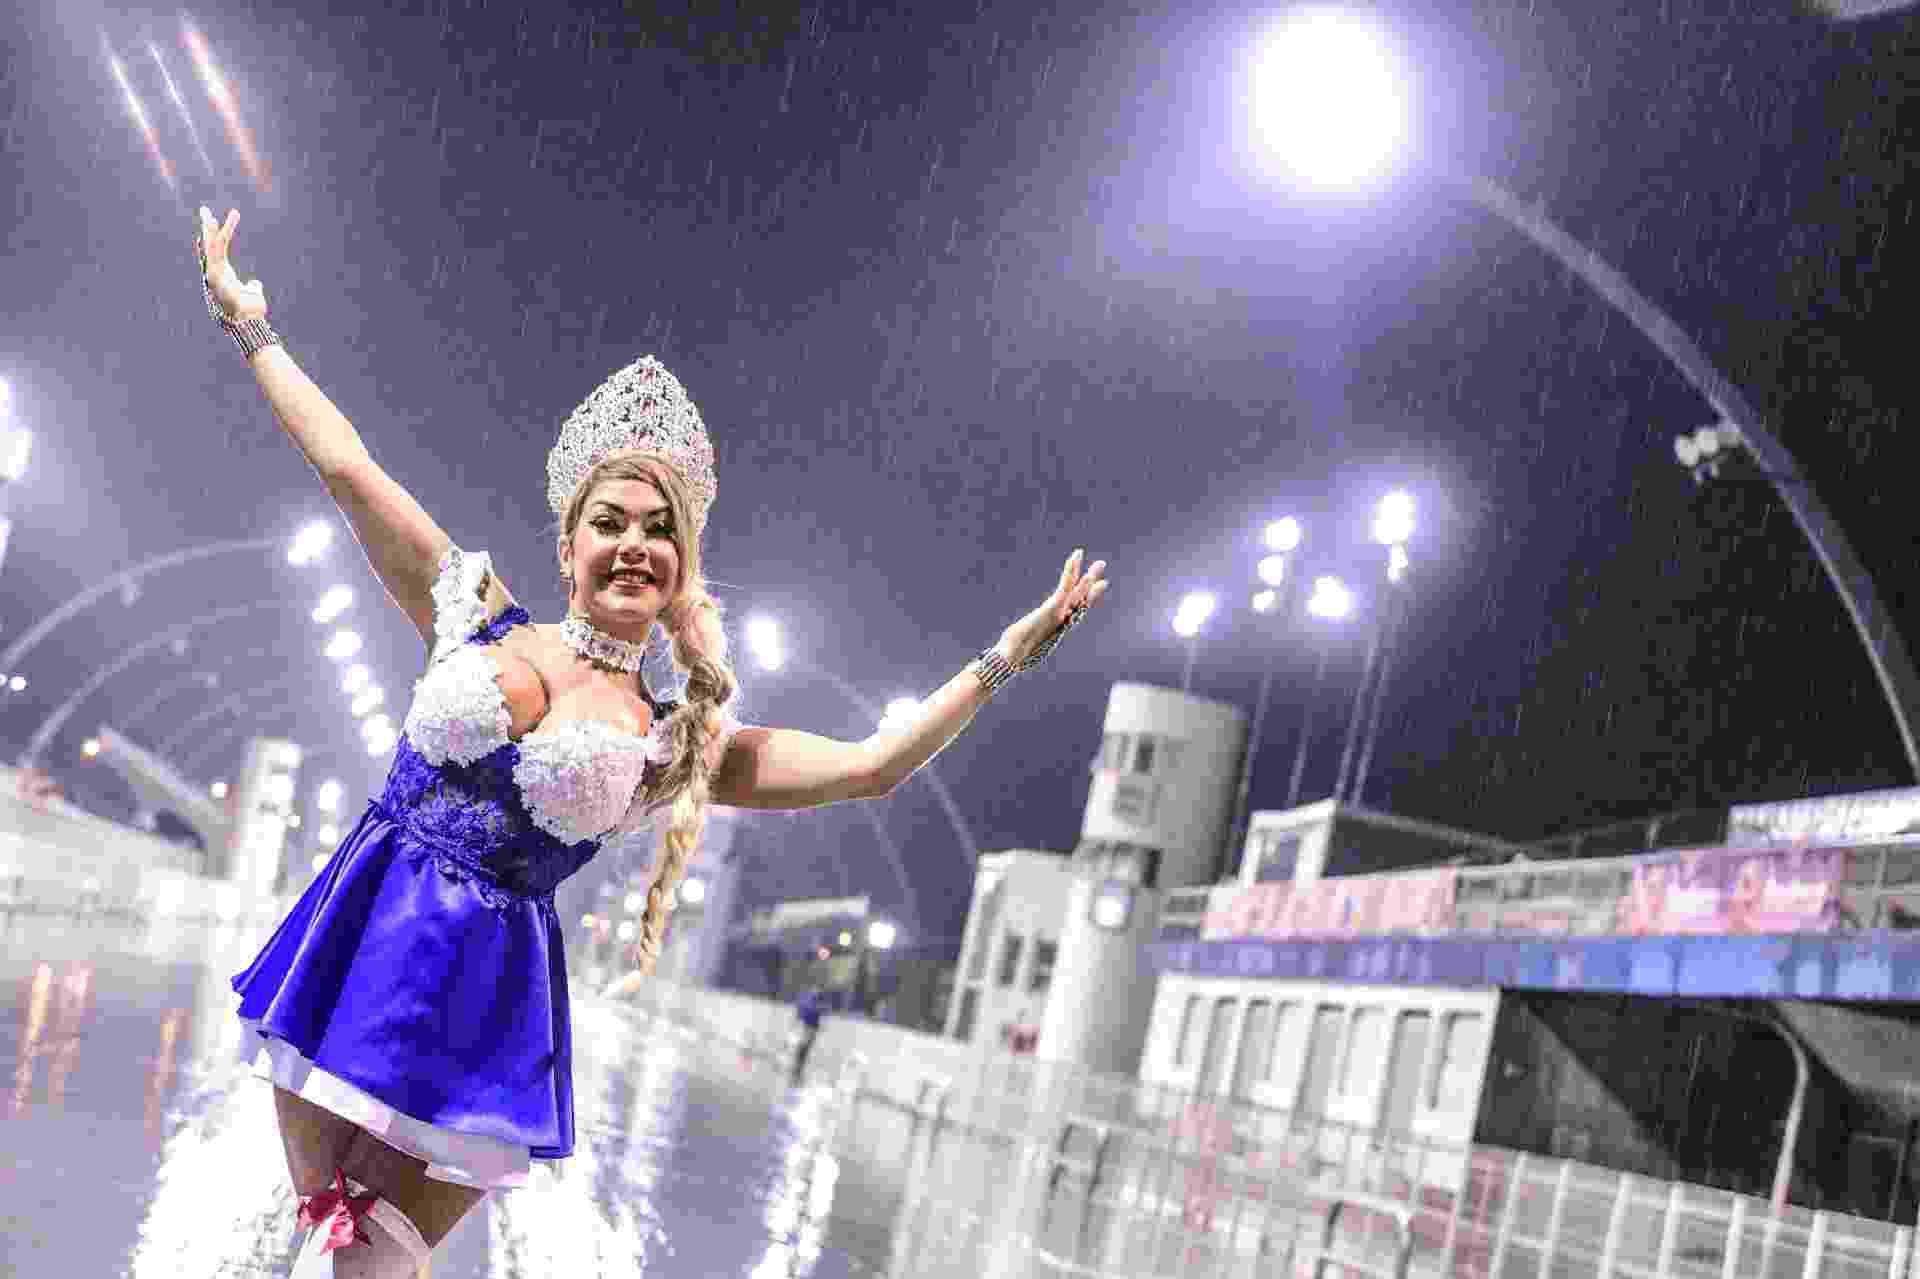 """Musa da Nene de Vila Matilde, a modelo Gil Jung usou uma roupa típica alemã no ensaio técnico da Nene de Vila Matilde. A escola vai homenagear Curitiba neste Carnaval 2017. """"A cidade foi colonizada pelos alemães, então resolvi homenagear"""", contou ela - Leo Franco / AgNews"""